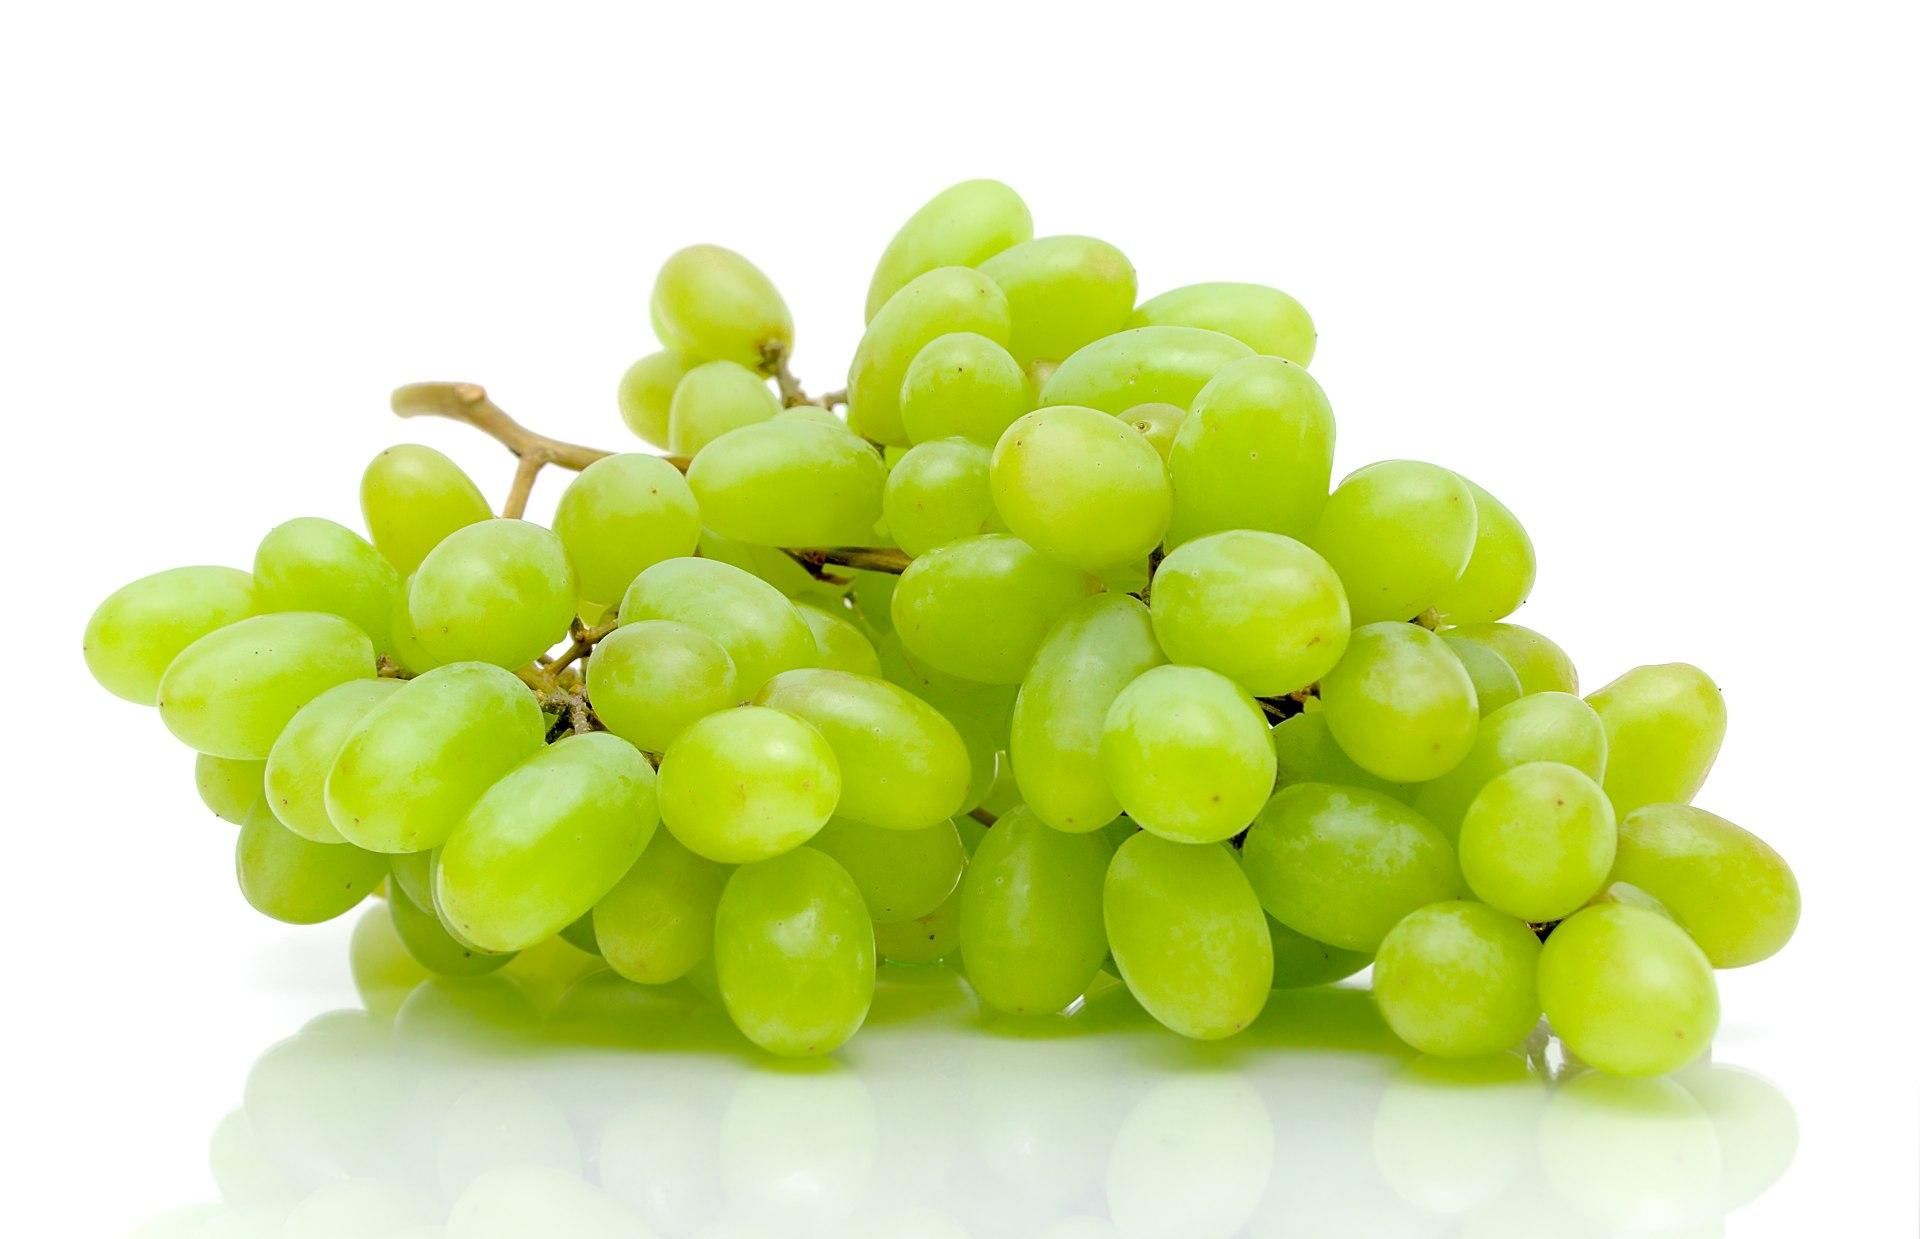 Weintrauben - Alles über die Weintrauben